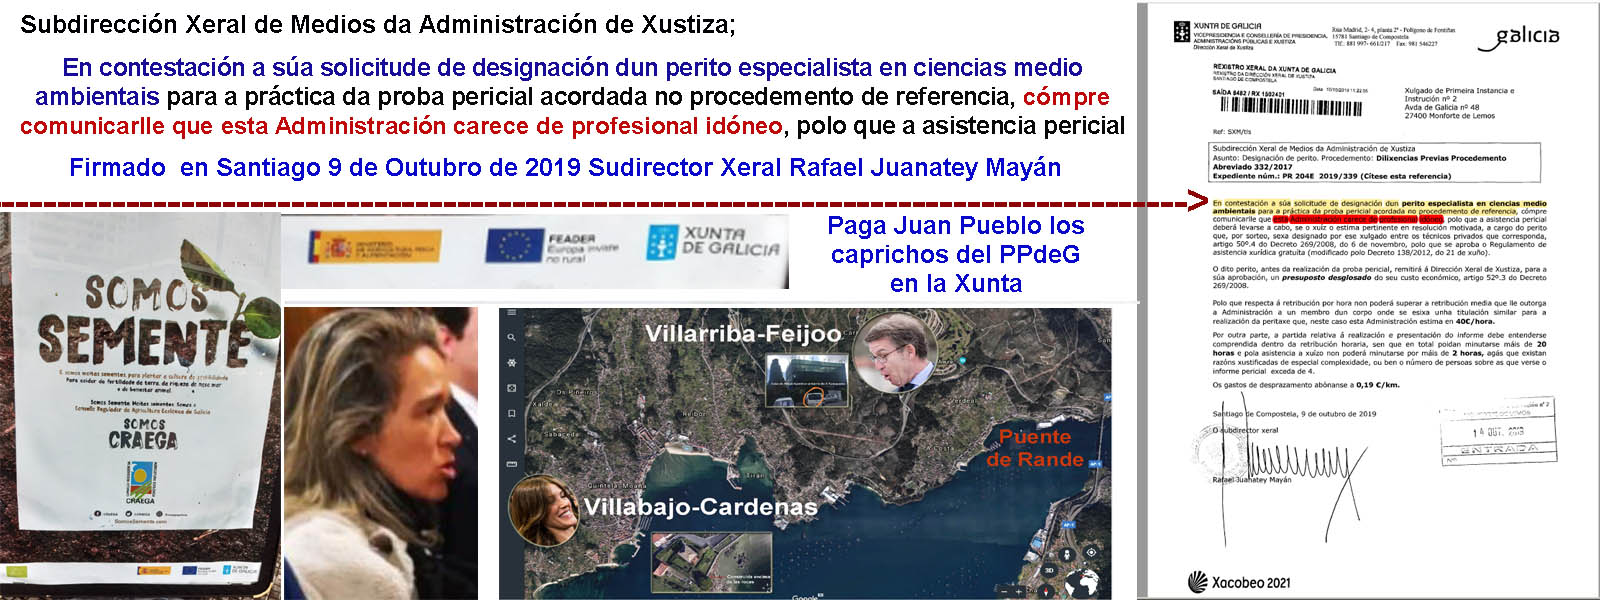 Según Mariano Rajoy, Mar Sánchez Sierra y Feijóo se ponen a VENDER CAMBIOS  CLIMÁTICOS PARA EL 2050 como ofertas del Black Friday para poder pillar los  1.250 M€ para el período 2019-2023